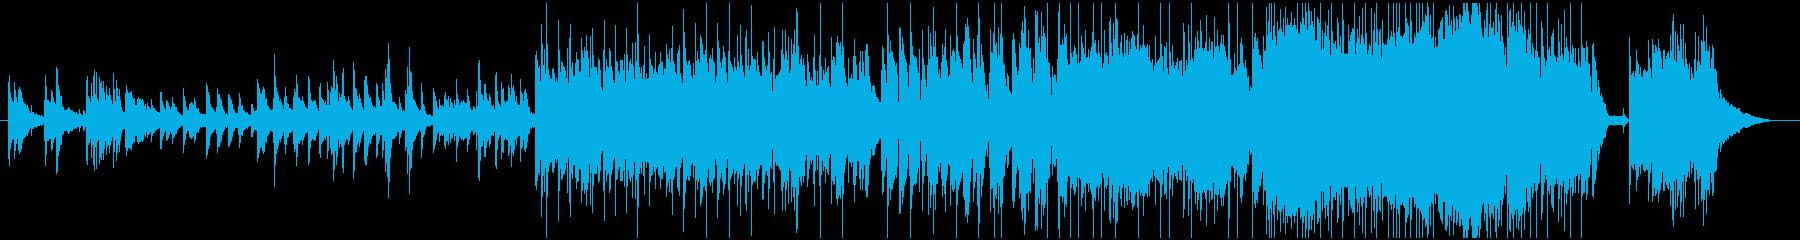 クラシックで暖かい曲の再生済みの波形